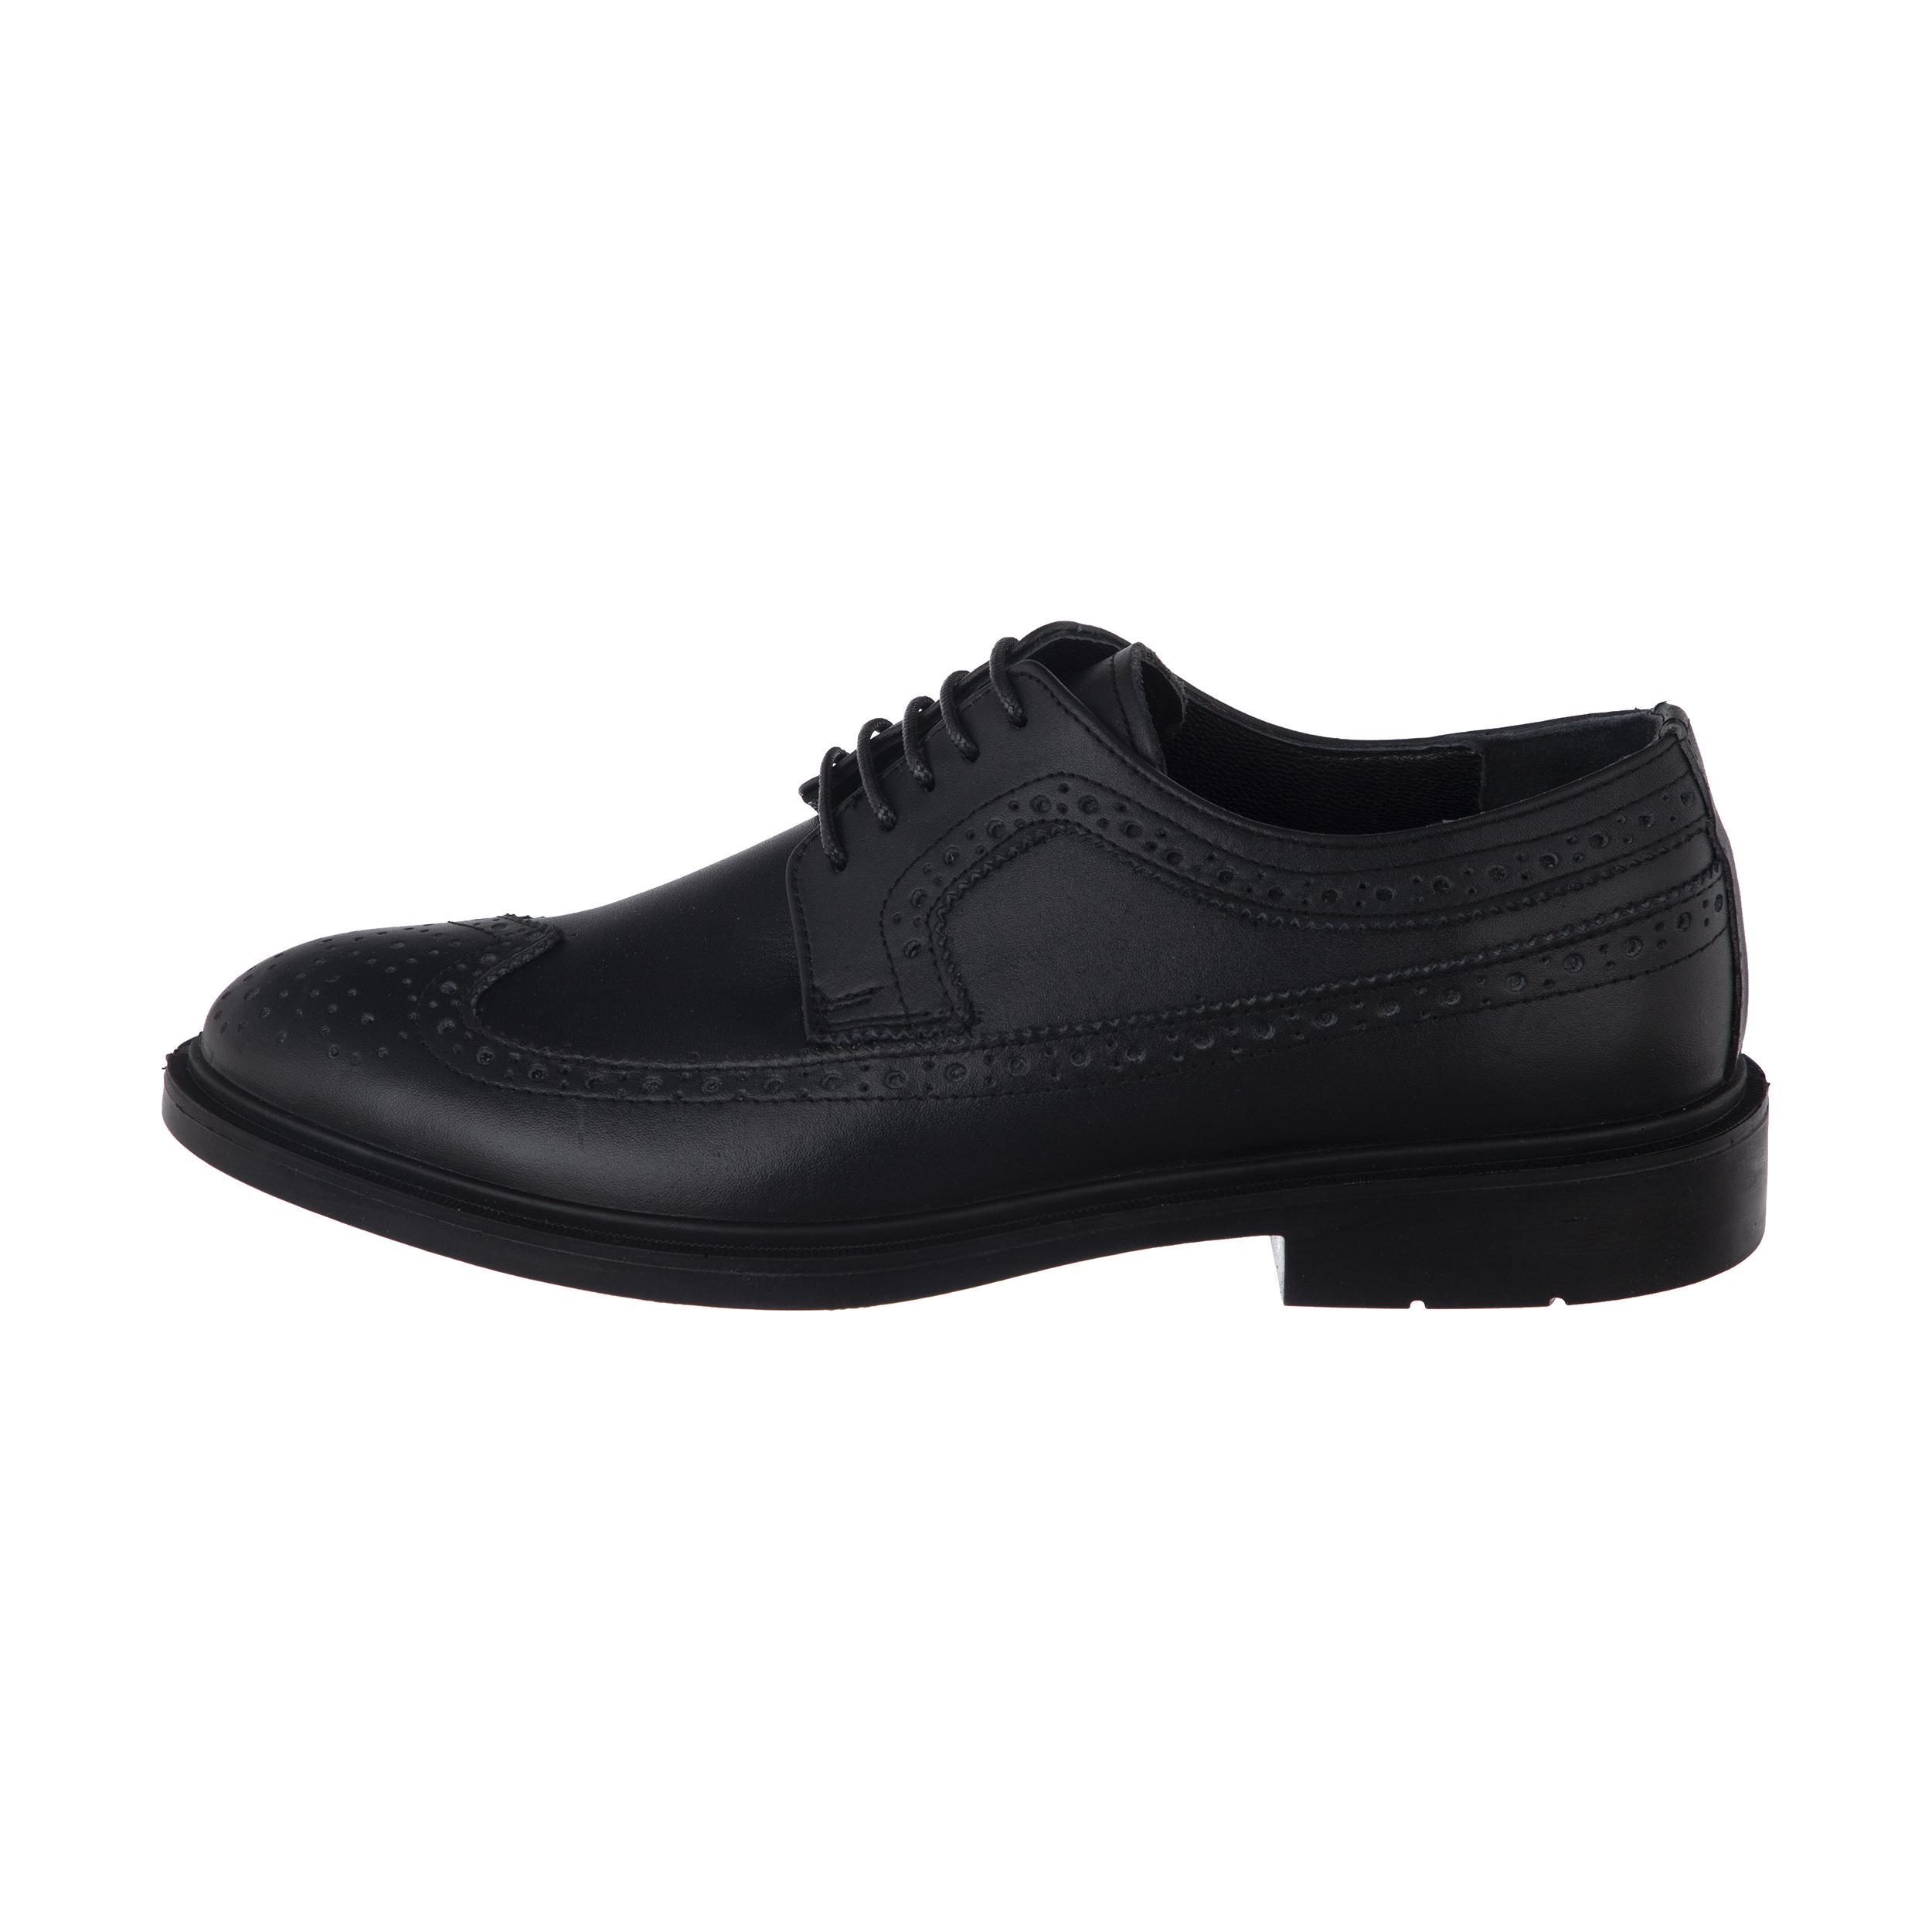 کفش مردانه ملی مدل آریاس کد 13197781 رنگ مشکی